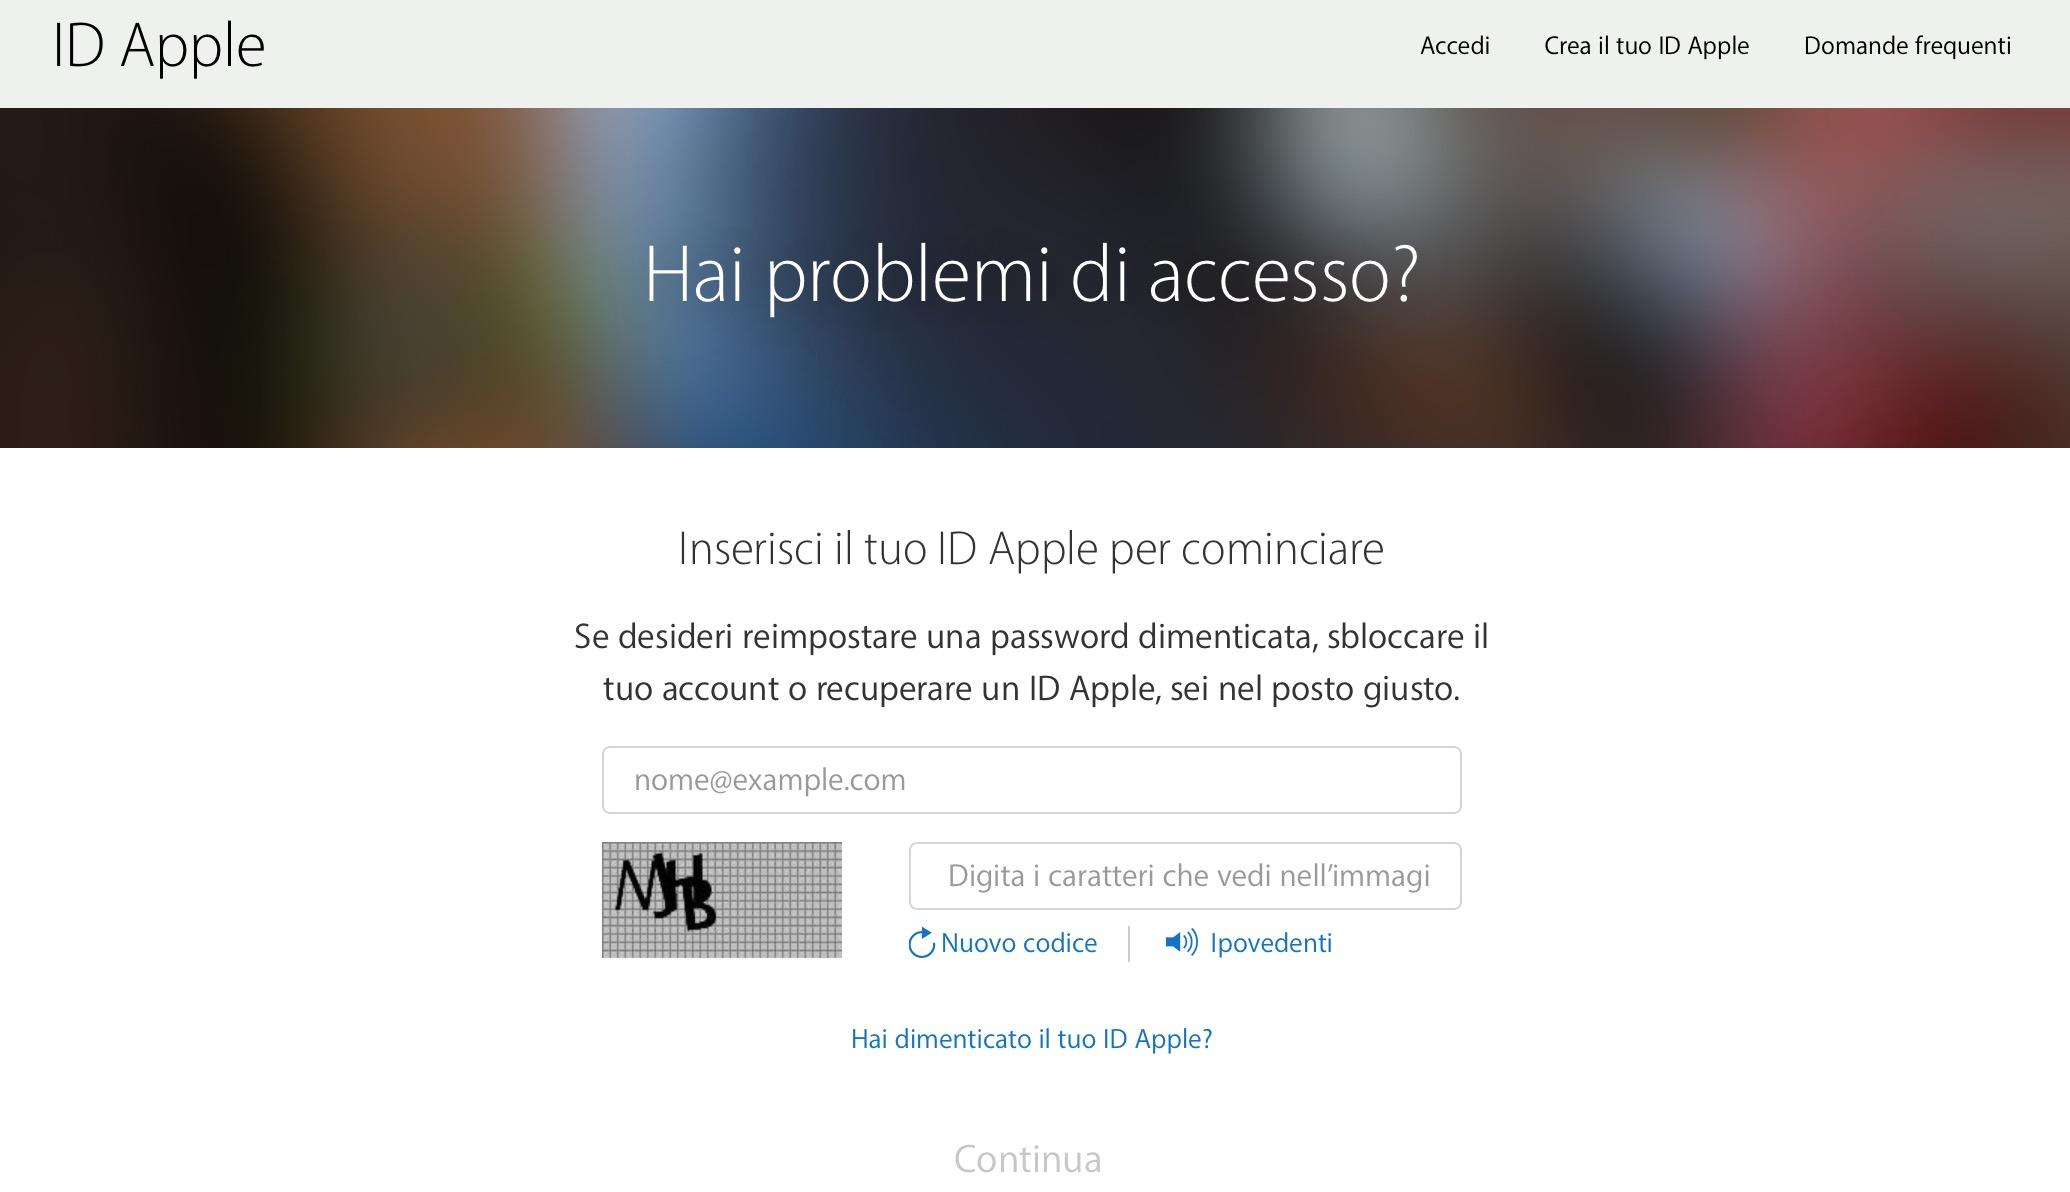 Problemi di accesso ID Apple